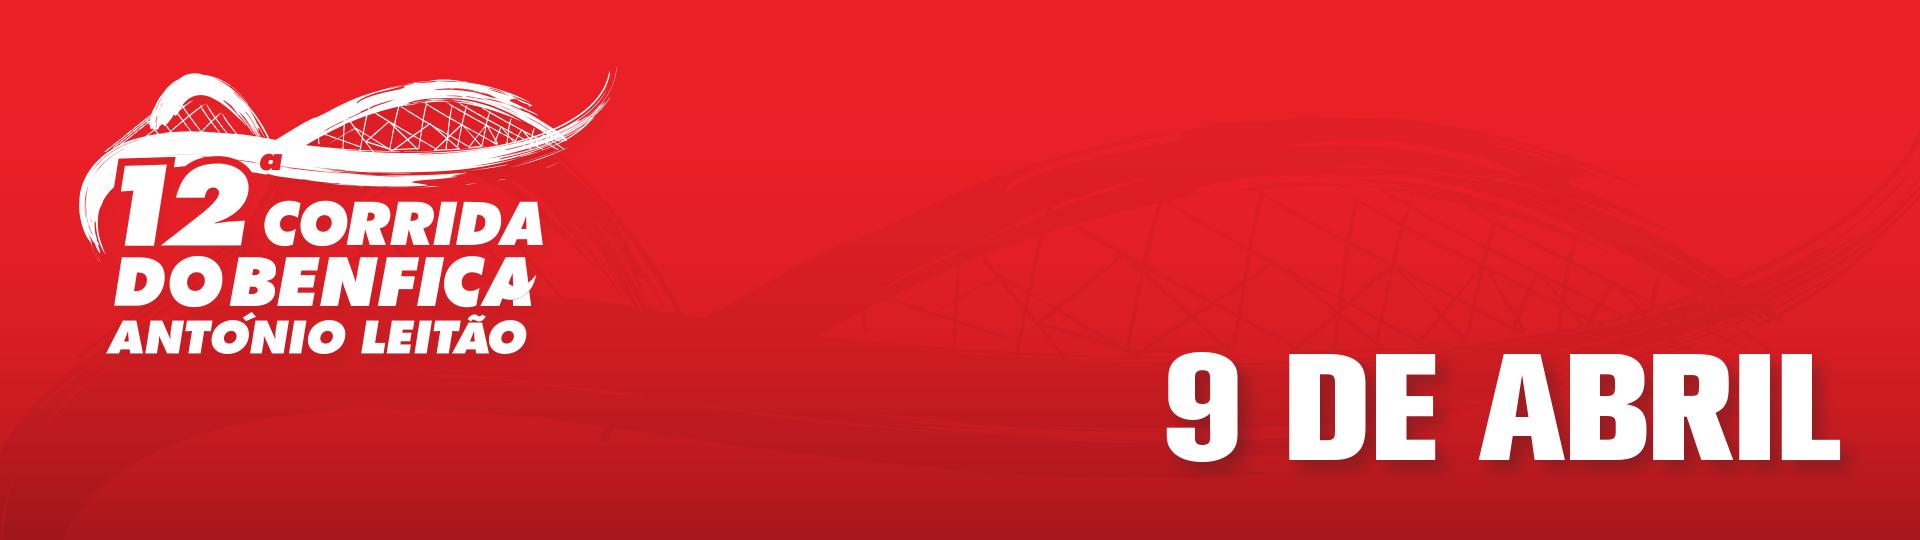 12º Corrida do Benfica